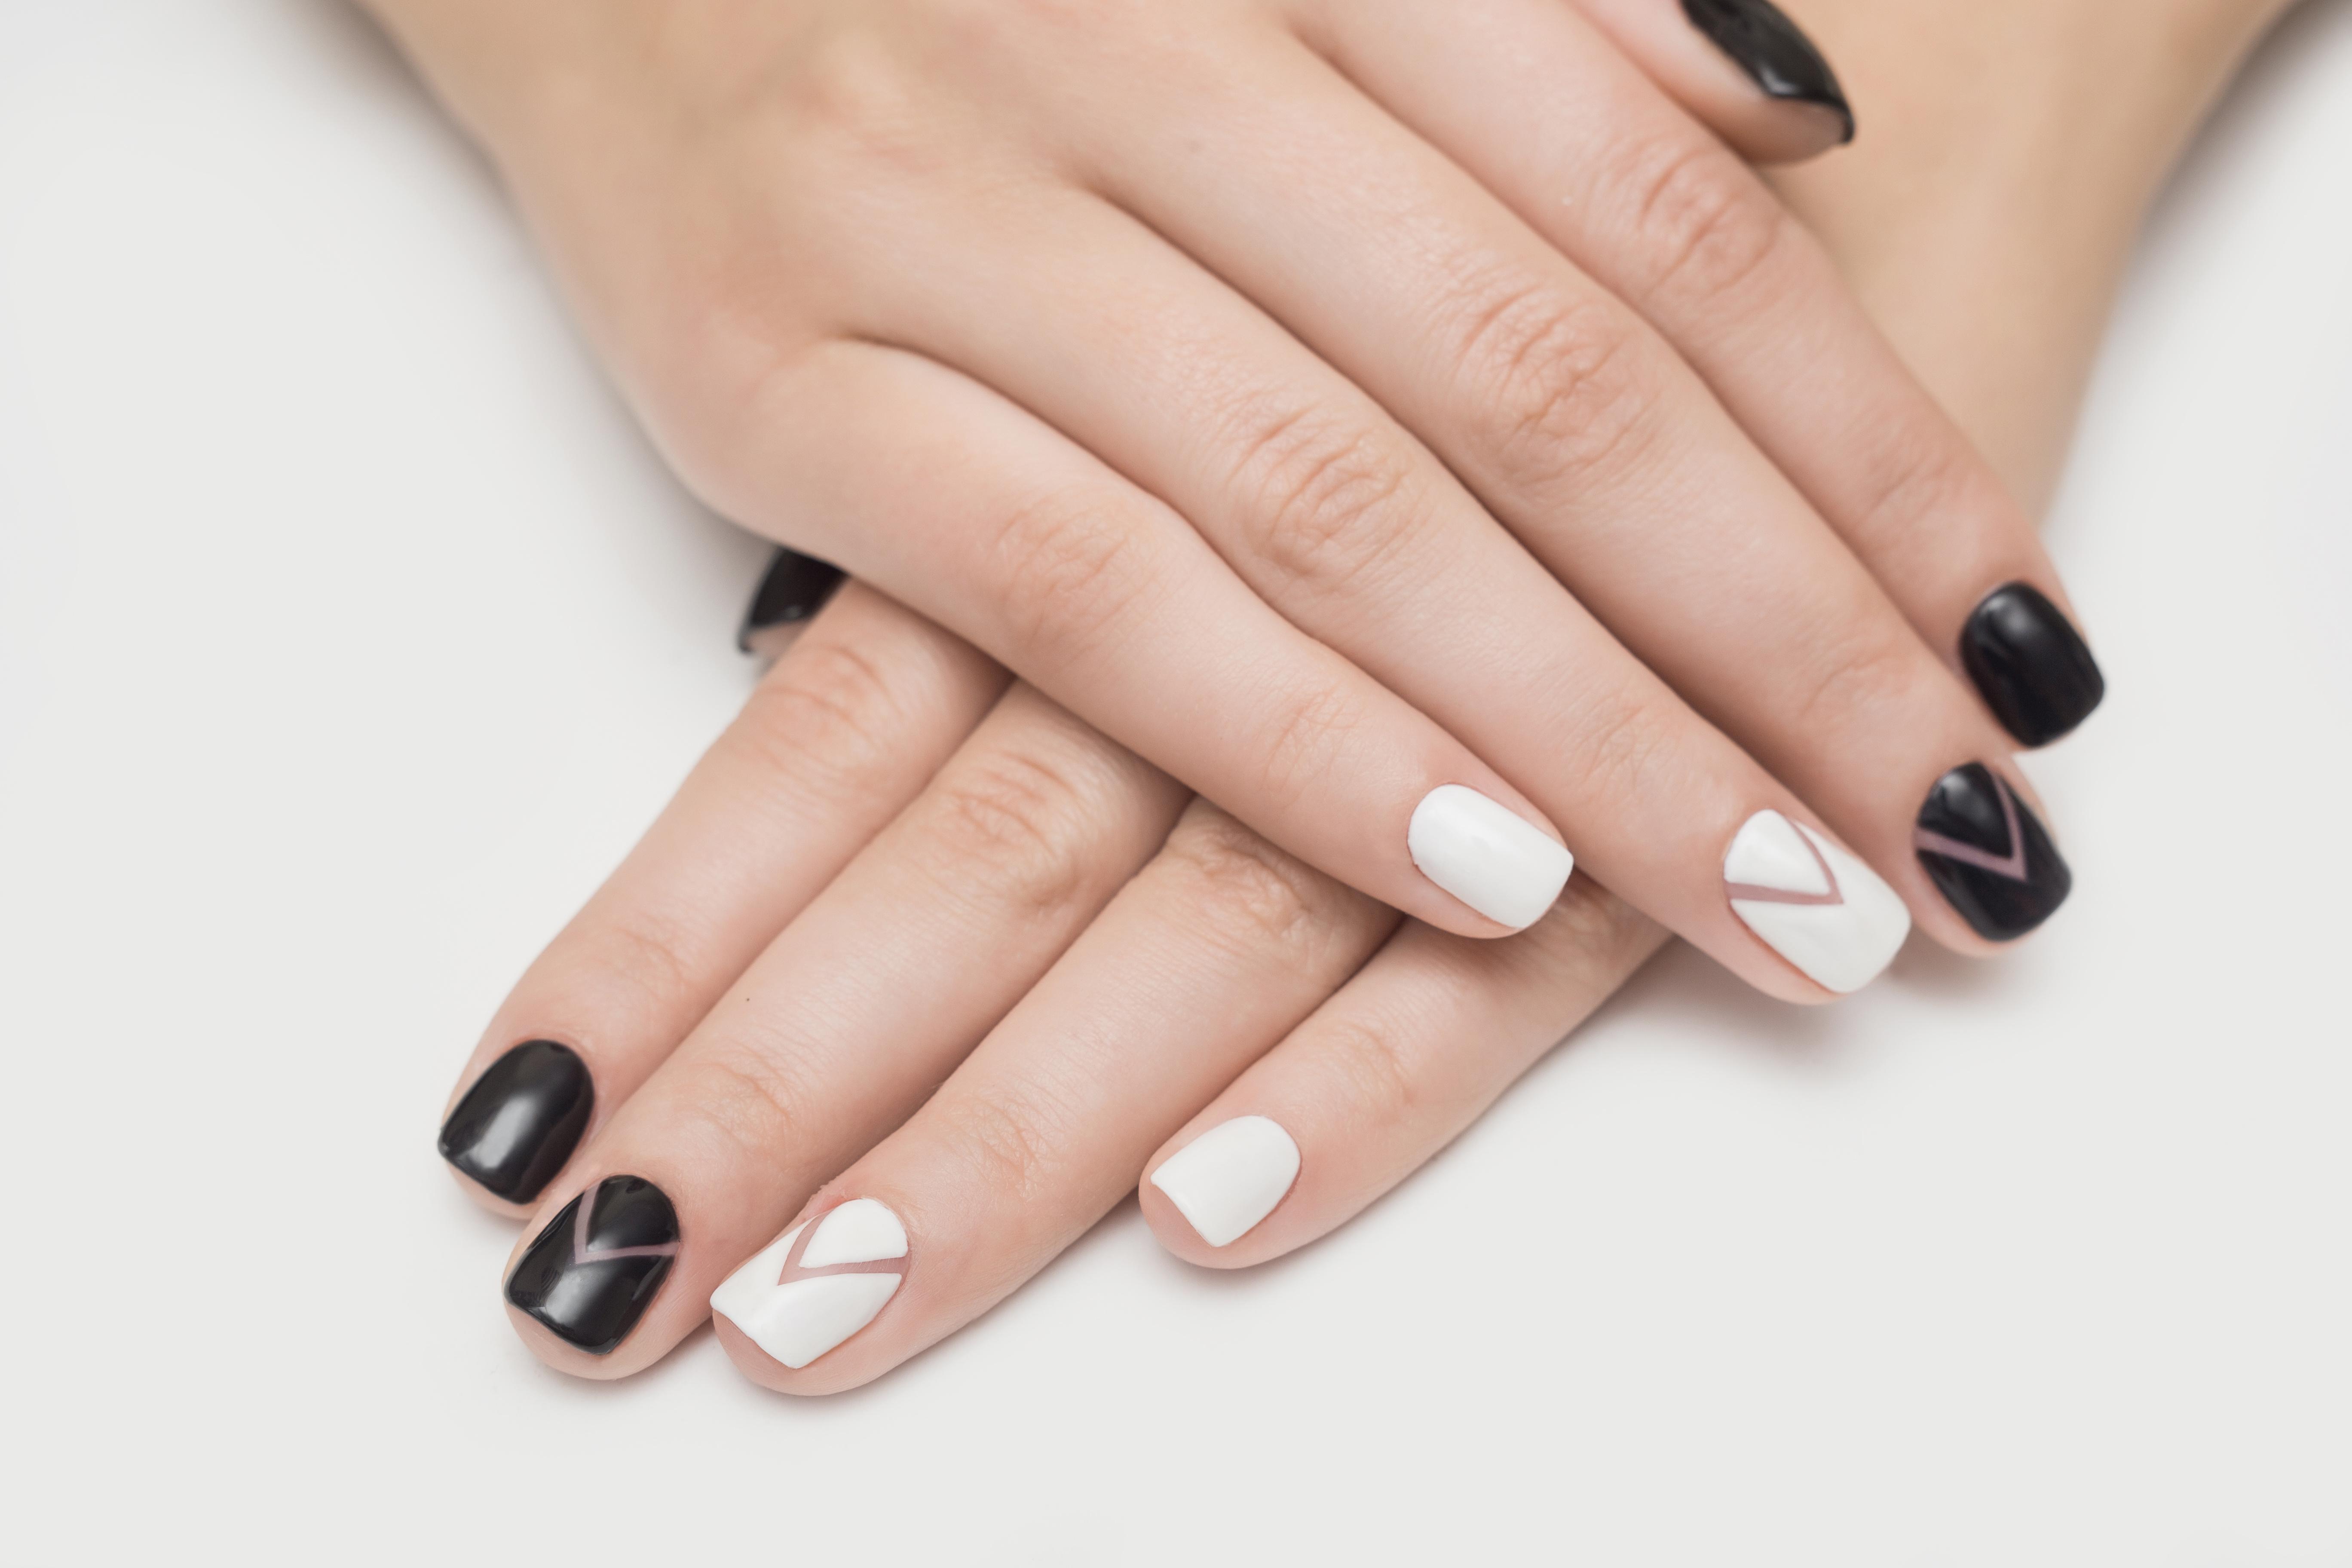 Czy Hybrydy Szkodza Wplyw Manicure Hybrydowego Na Zdrowie Wp